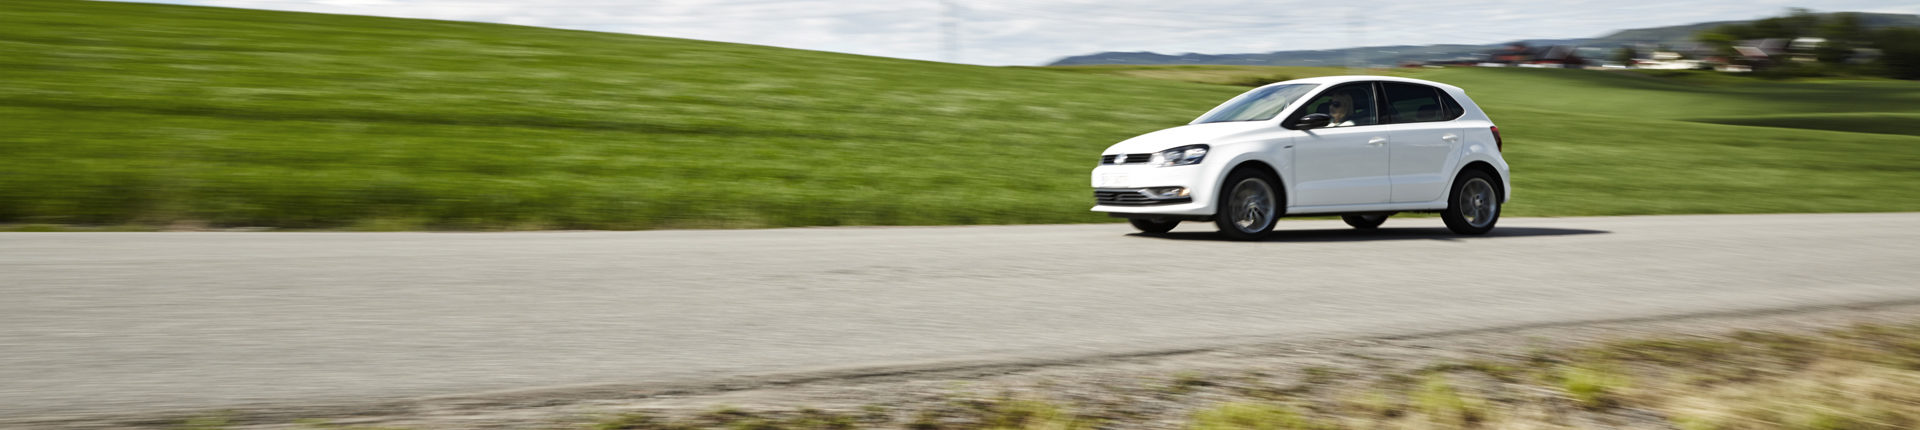 Bilde av bil på vei